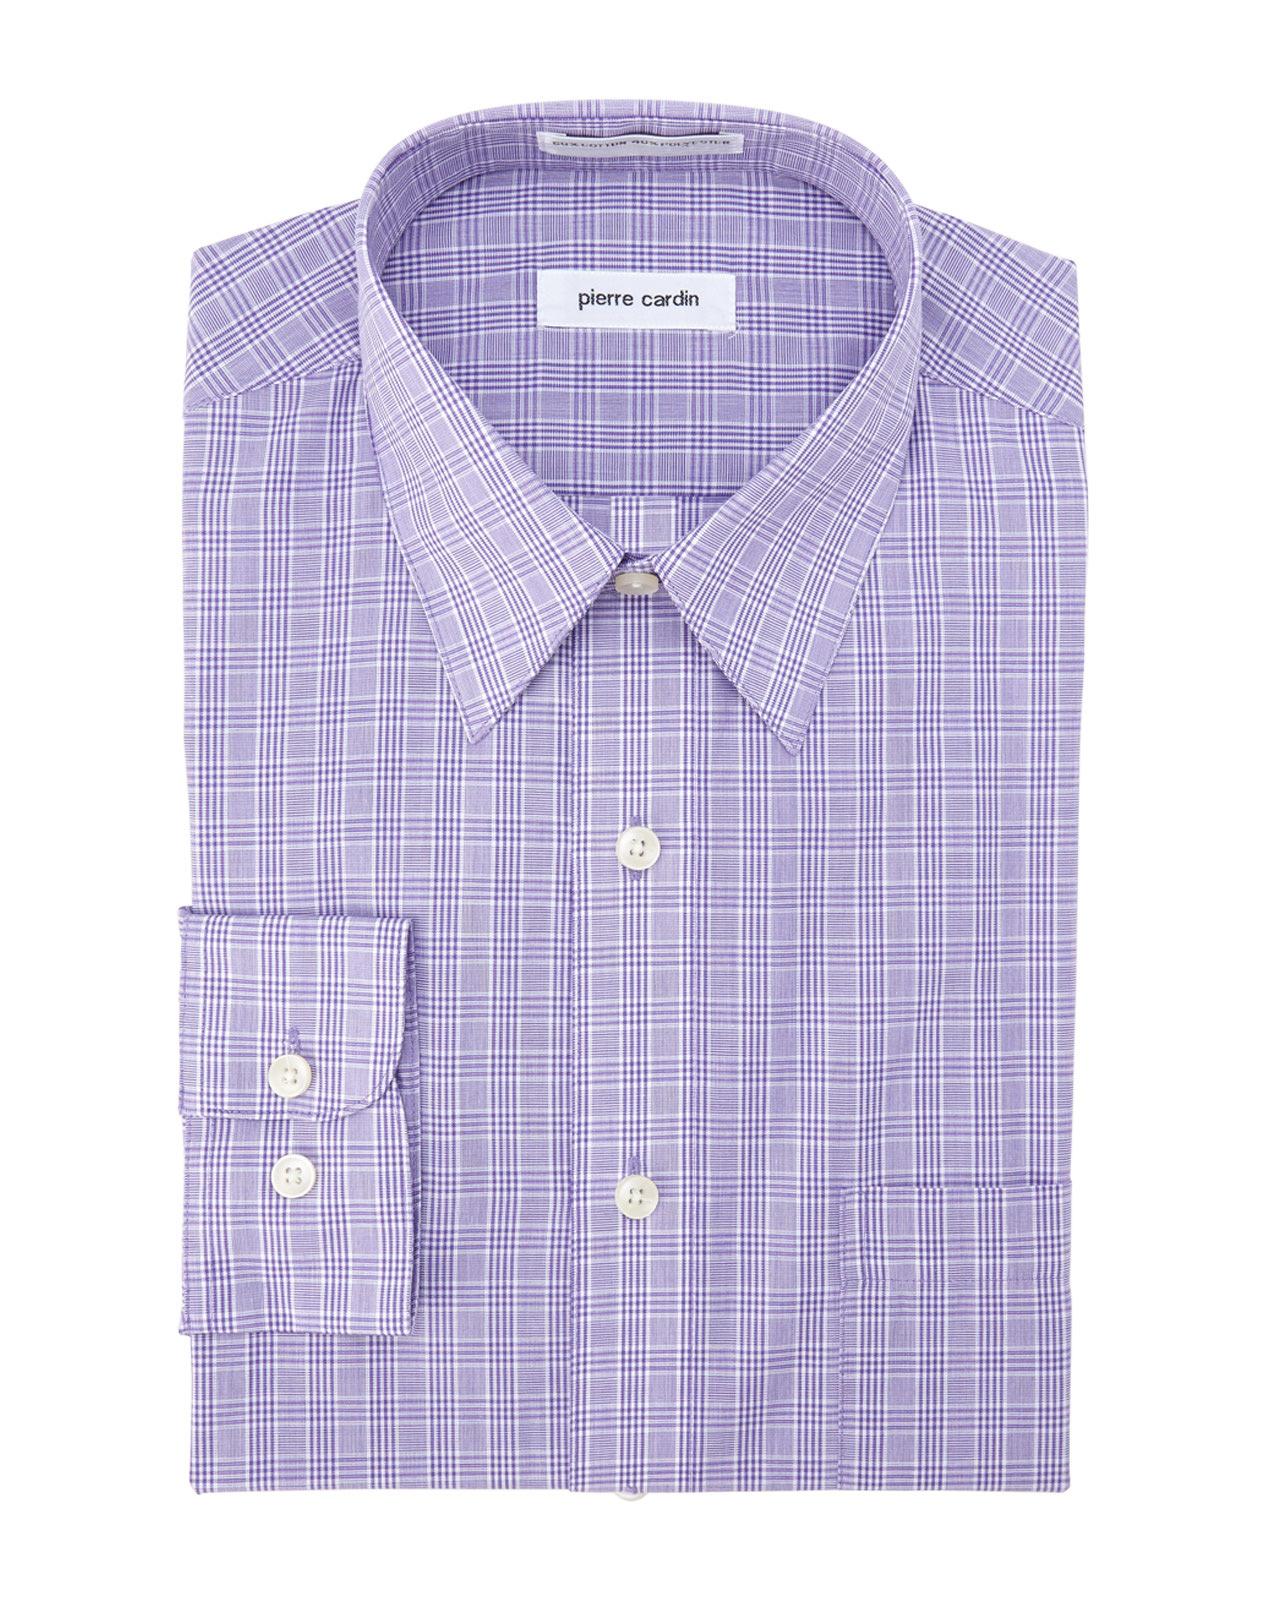 Pierre Cardin Purple White Glen Plaid Dress Shirt In